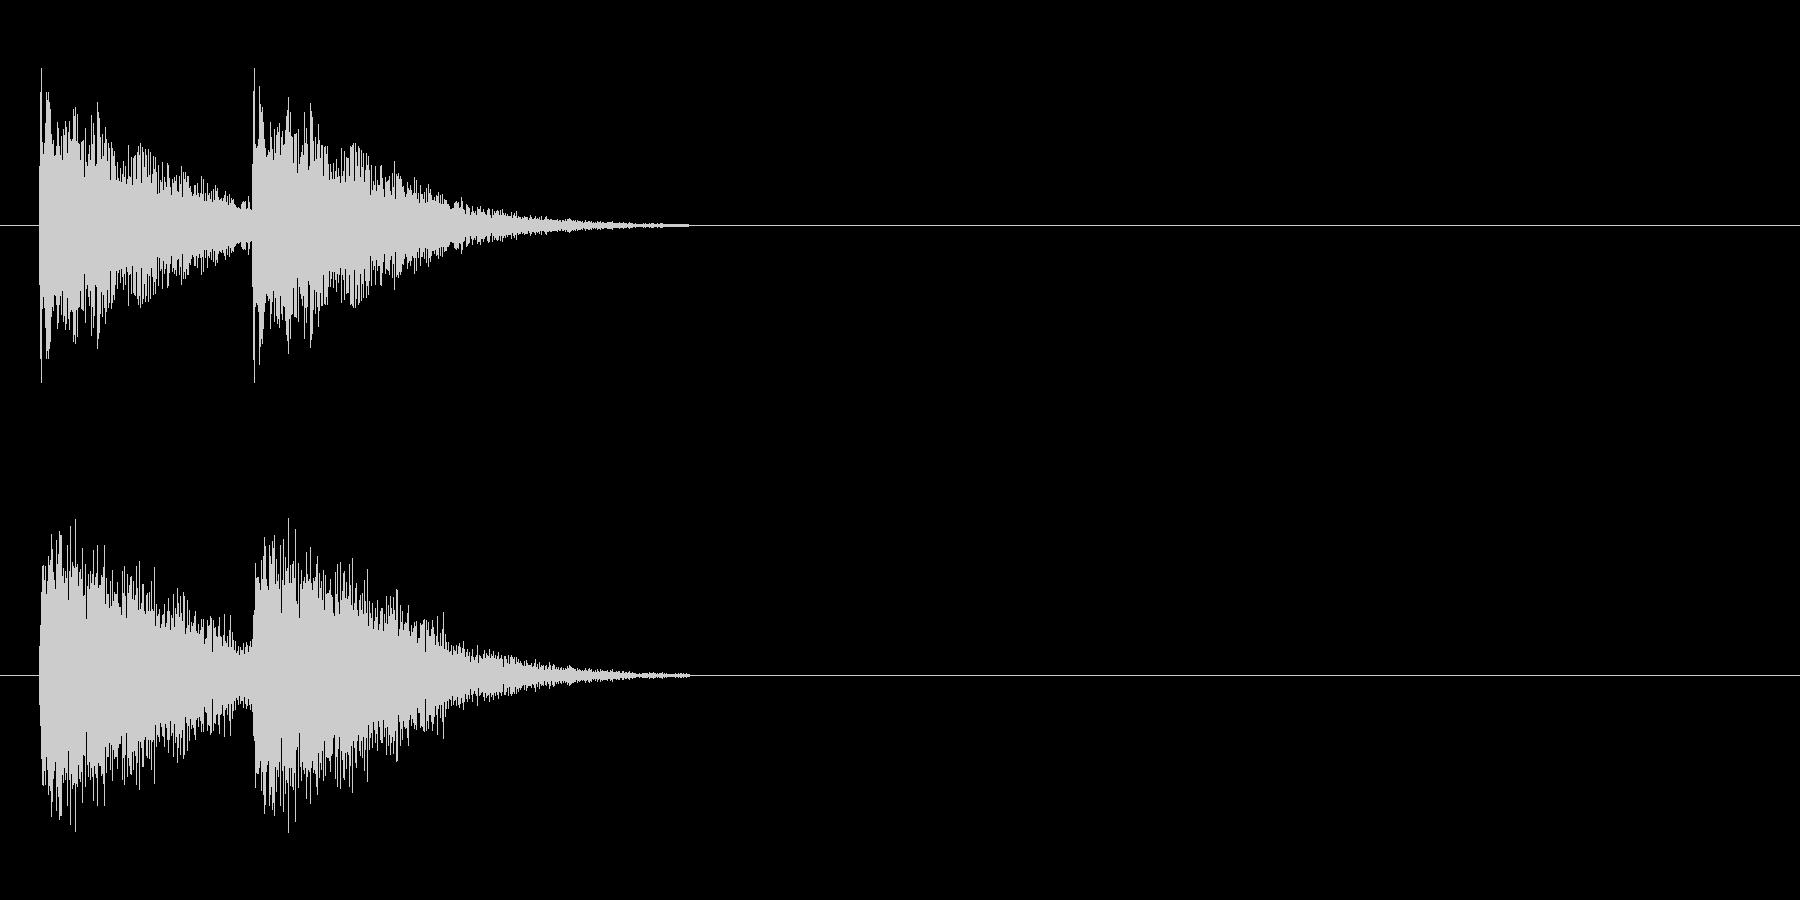 ダメージ音 5の未再生の波形